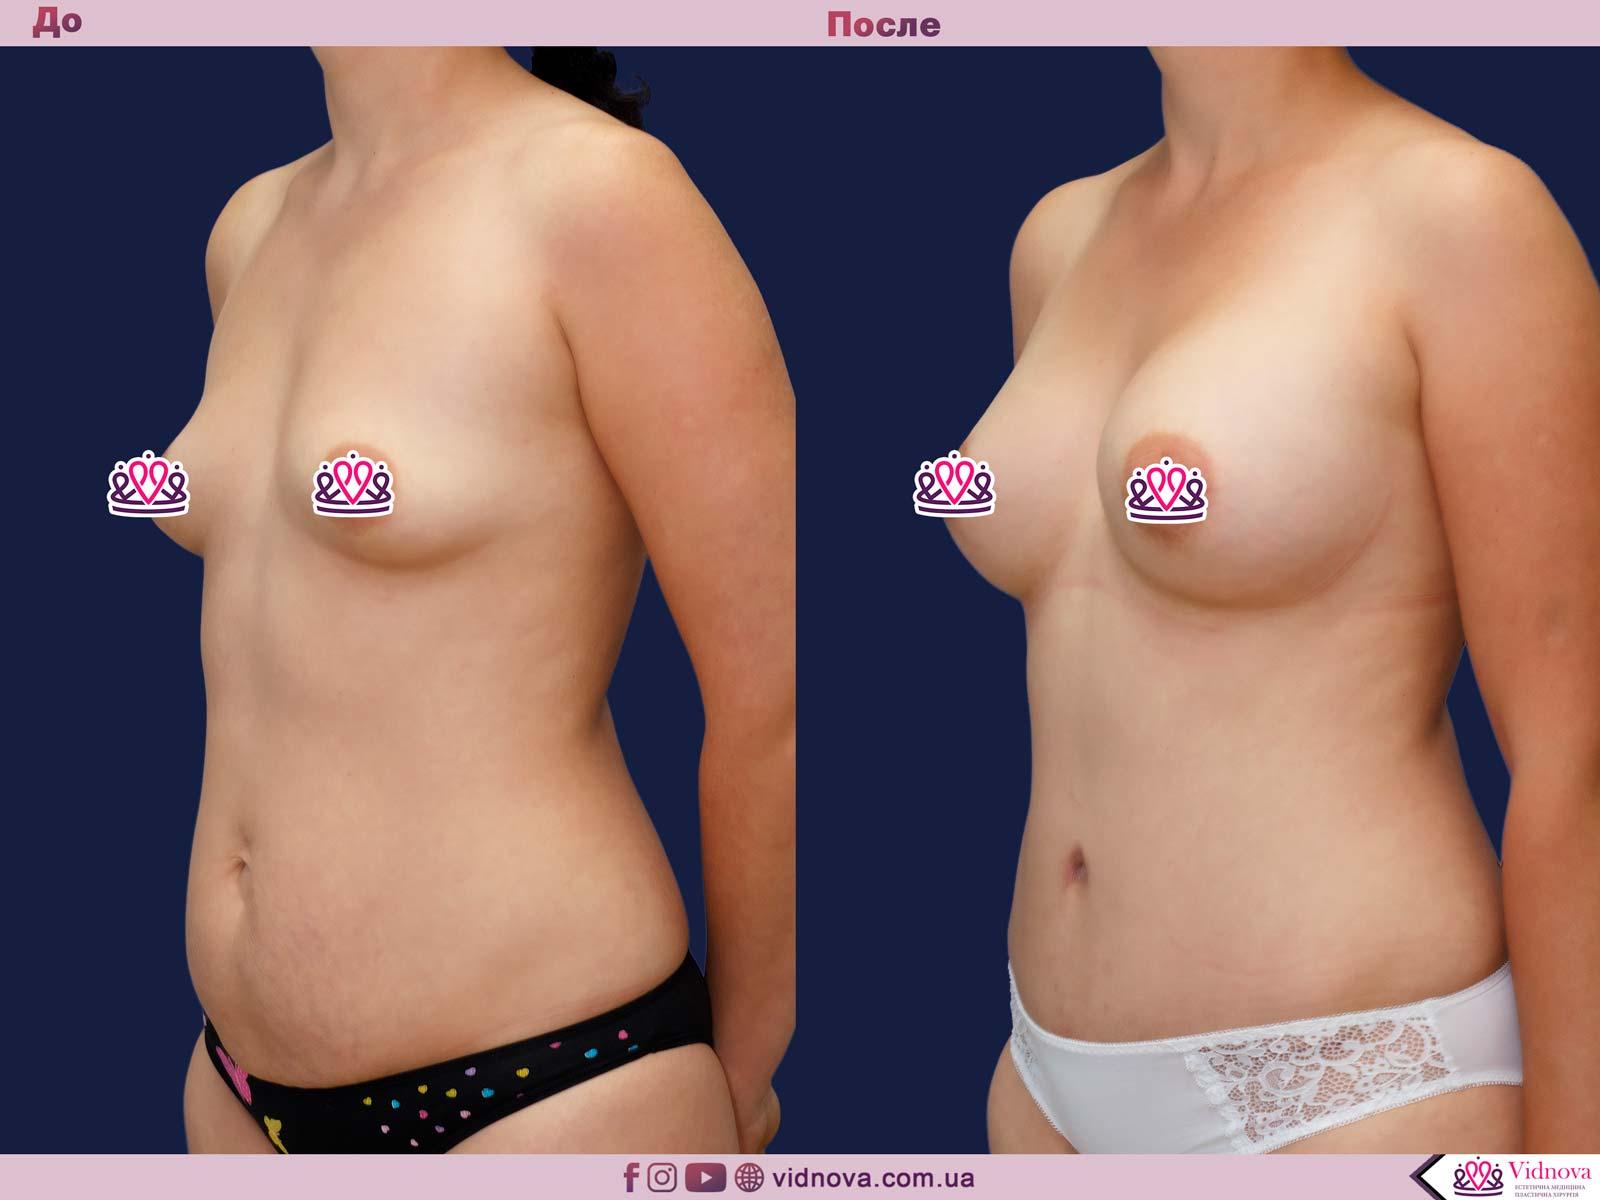 Пластика груди: результаты до и после - Пример №35-1 - Светлана Работенко